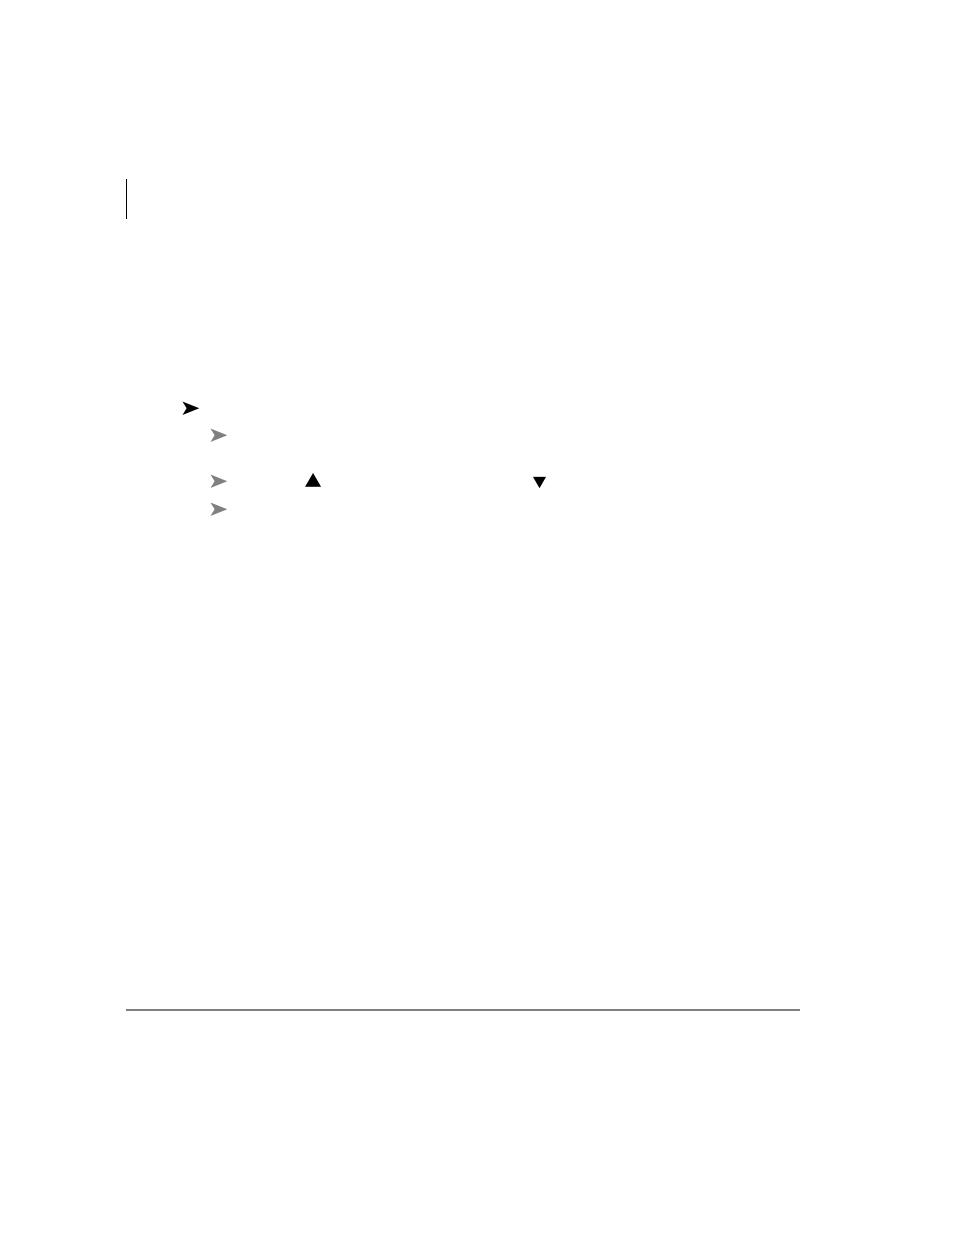 call history toshiba strata cix ip5000 ug vc user manual page 72 rh manualsdir com toshiba strata cix/ctx manual toshiba strata cix installation manual